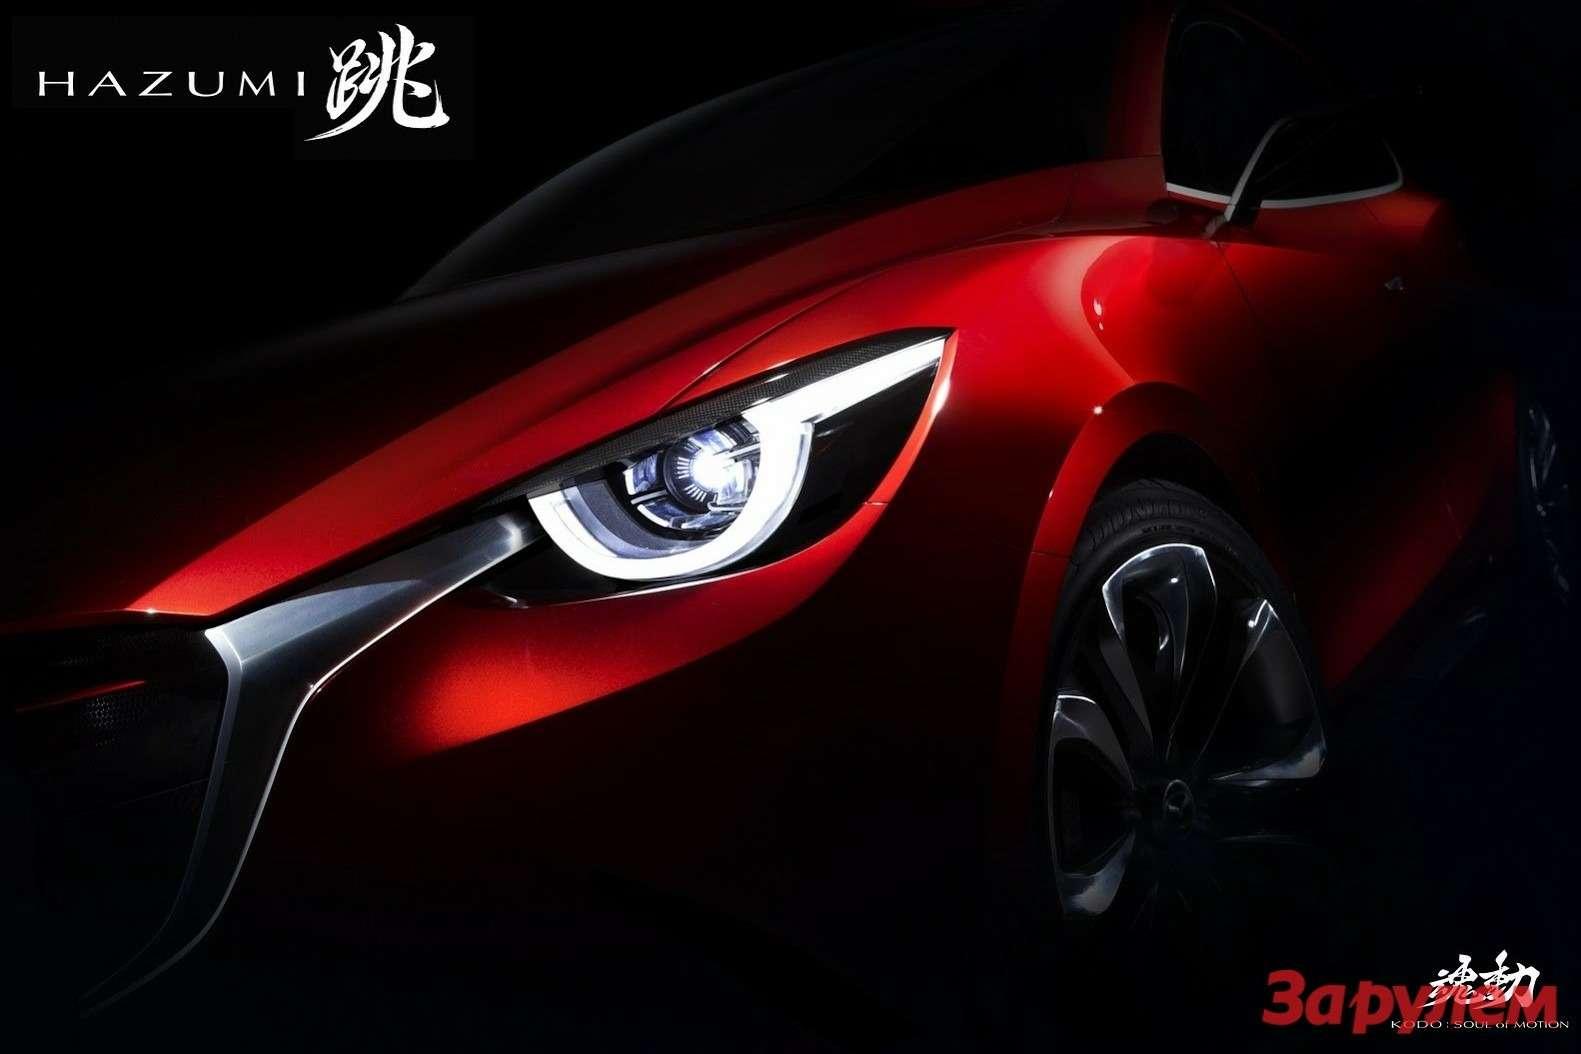 Mazda-Hazumi-2[3]